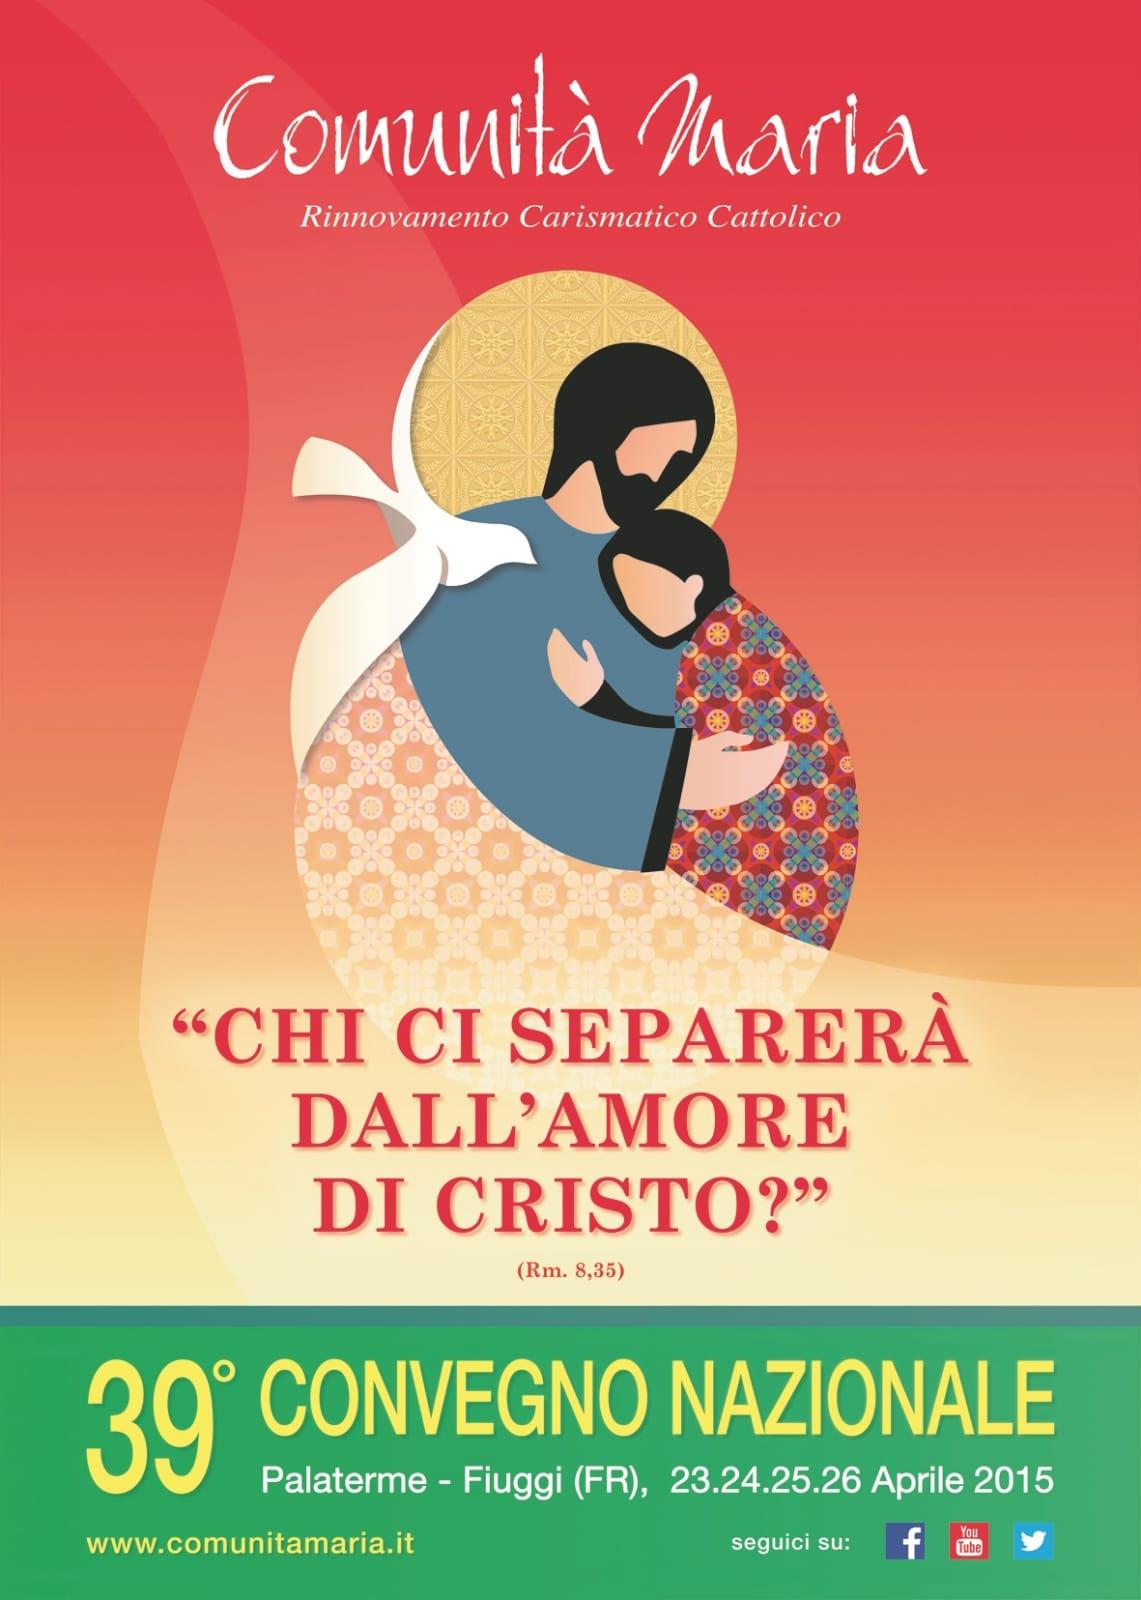 39 Convegno Nazionale Comunità Maria